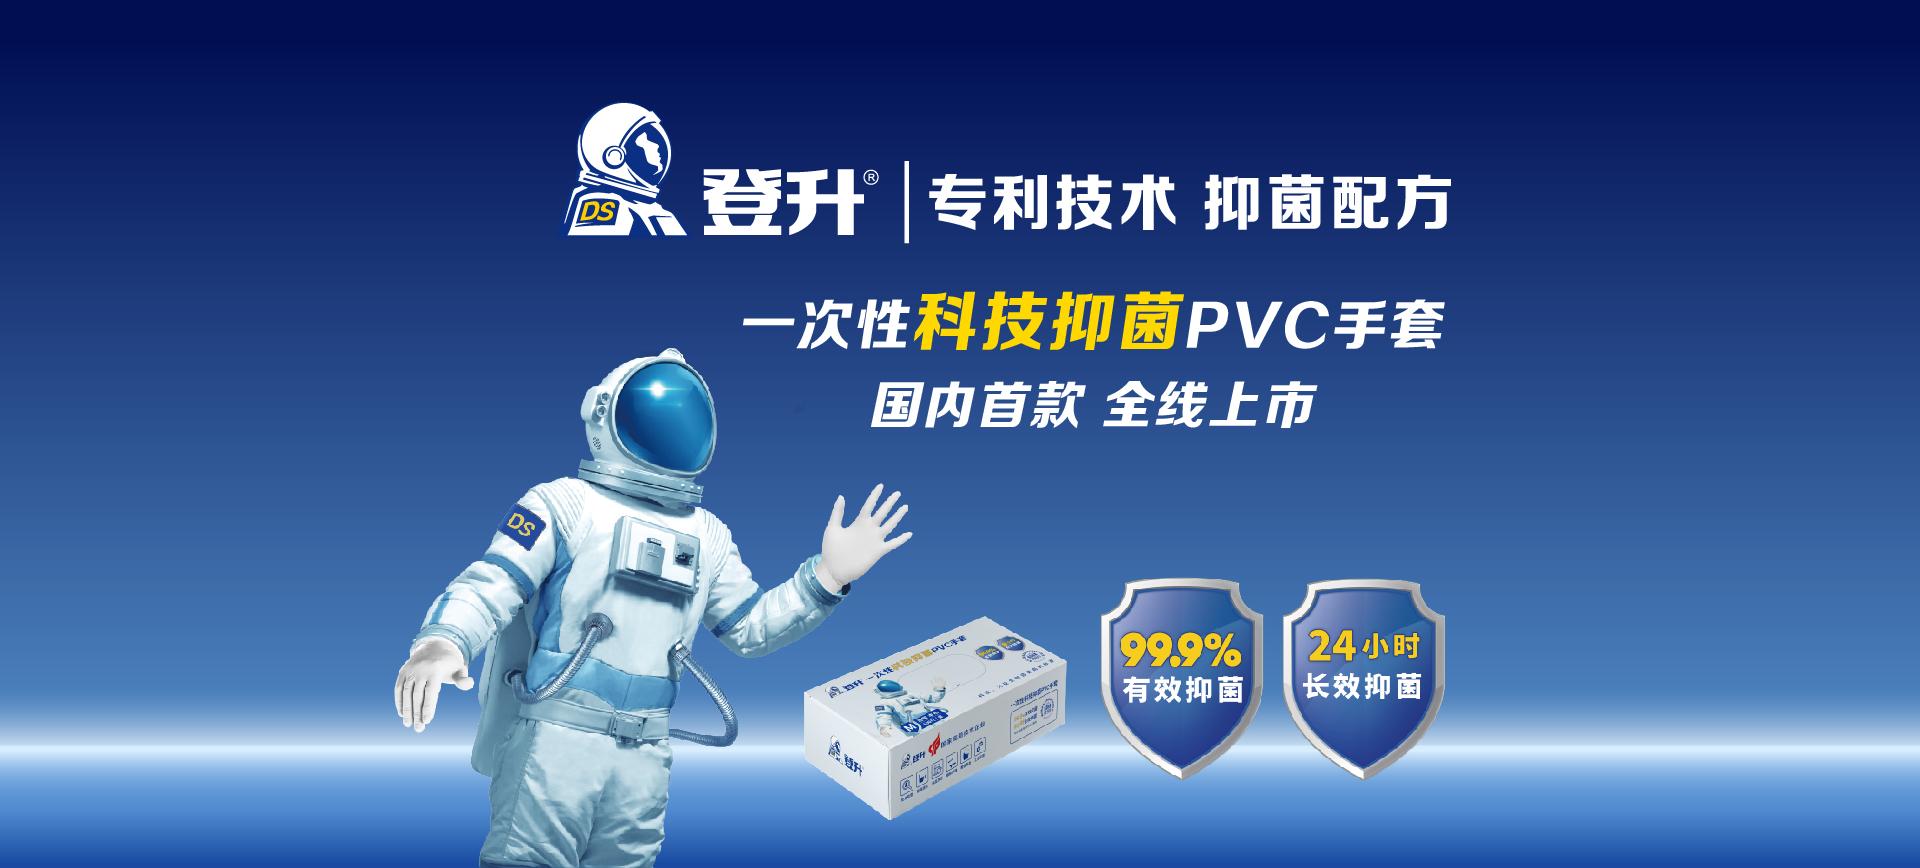 抑菌PVC